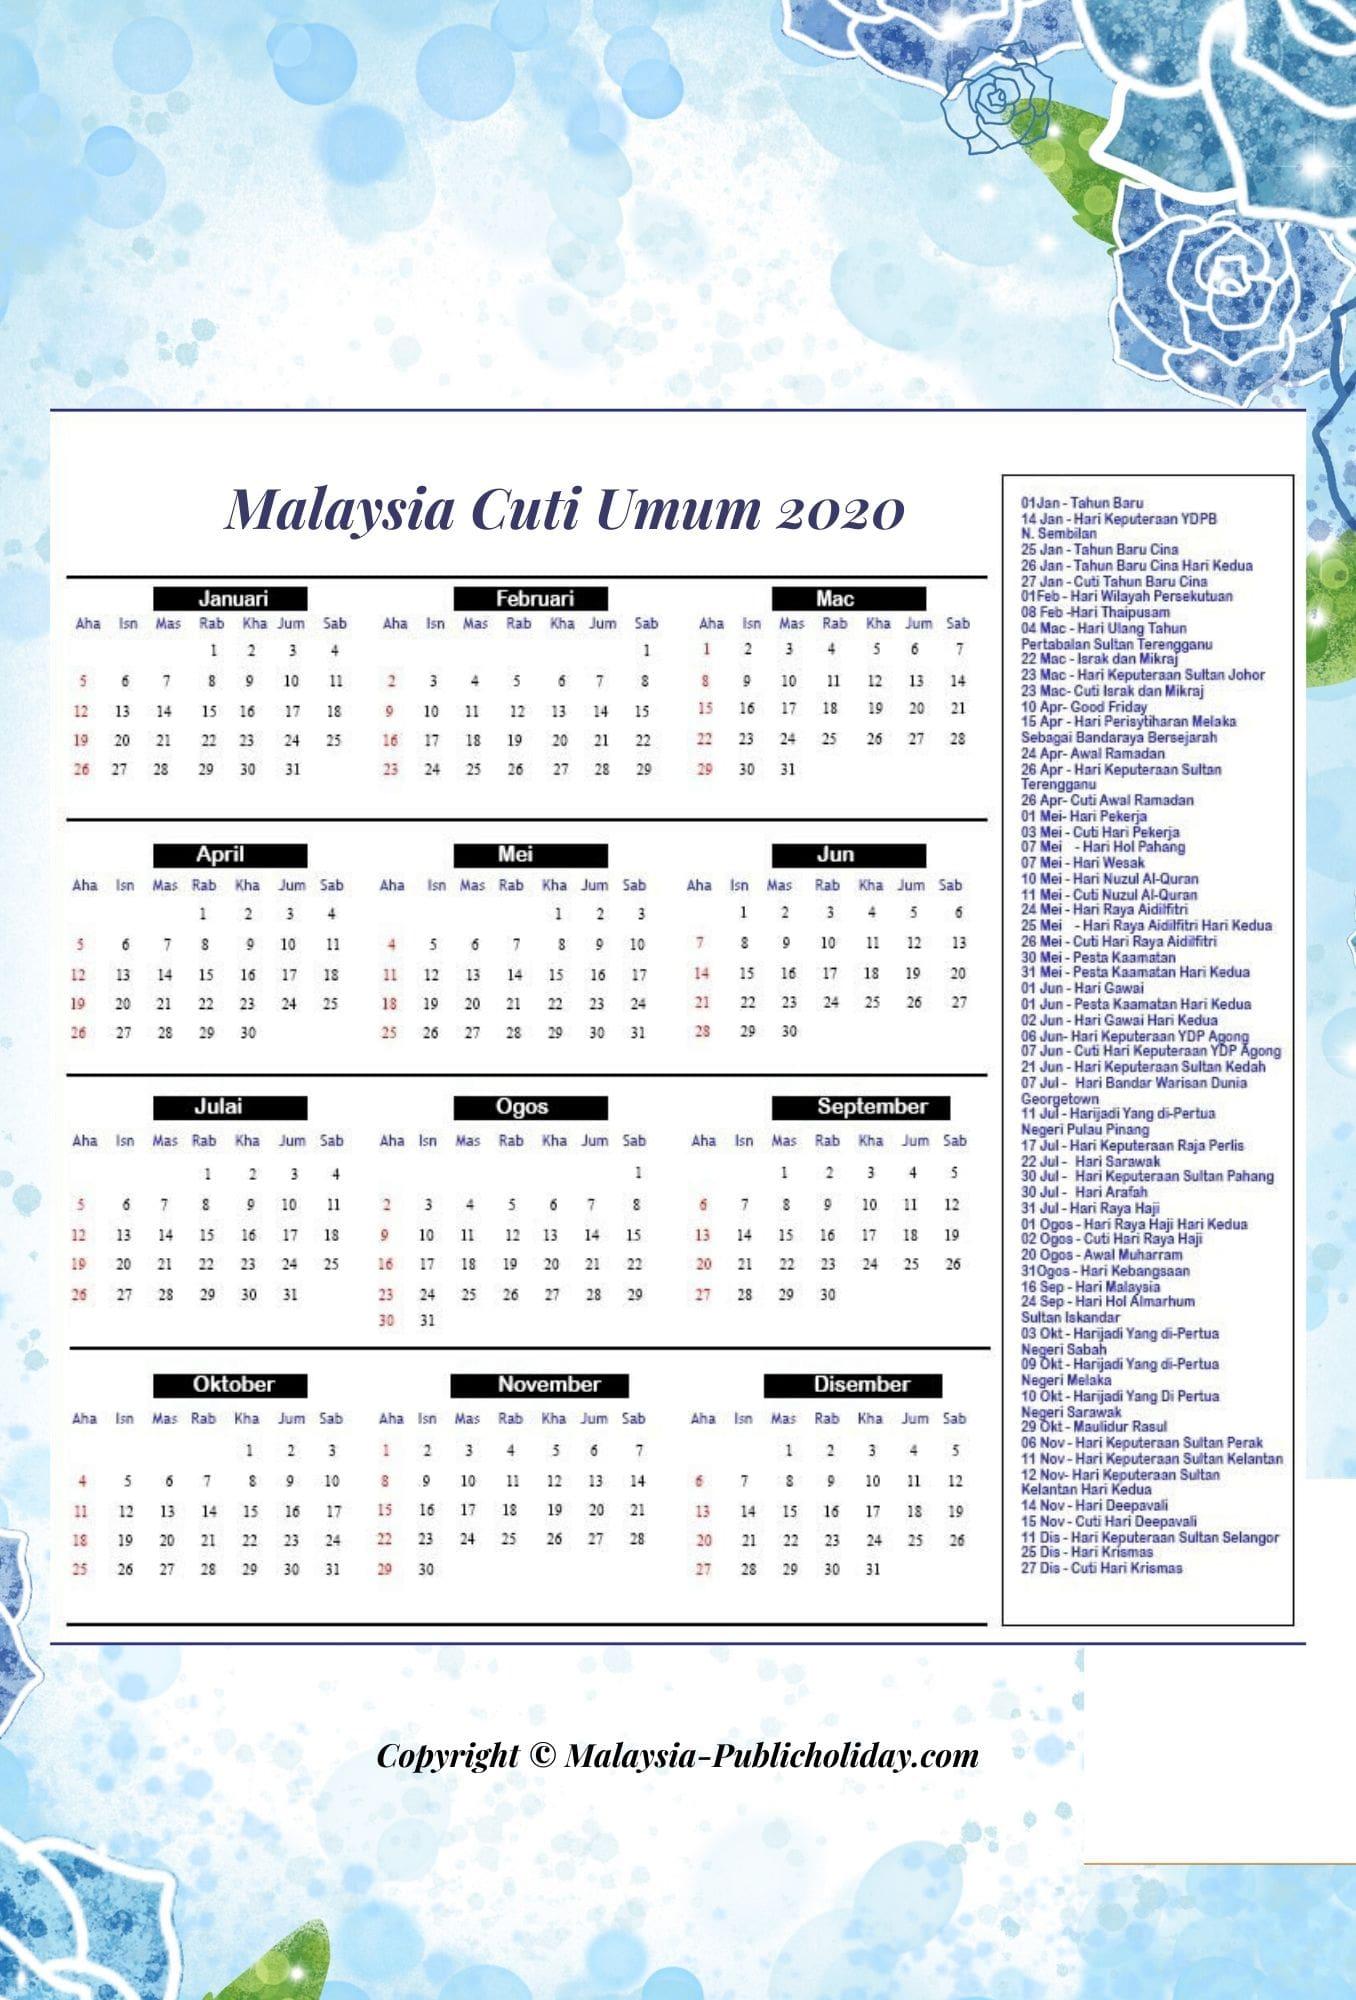 Cuti Umum 2020 Malaysia Kalendar